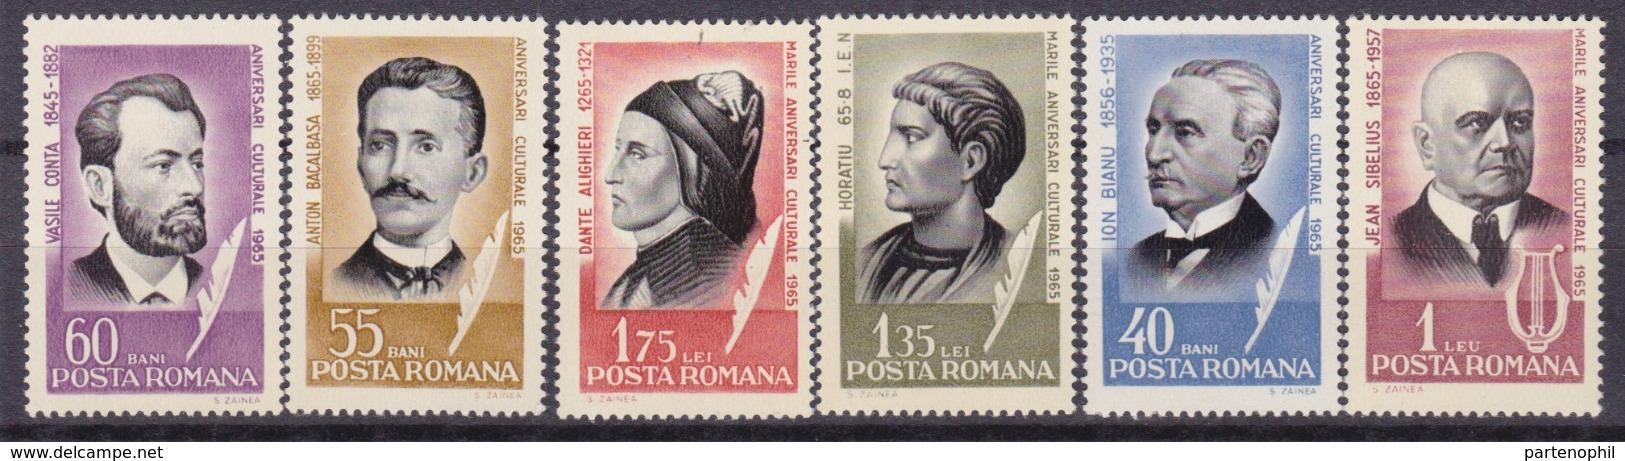 Romania - Illustri Personalità / Distinguished Personality  Set MNH - Celebrità